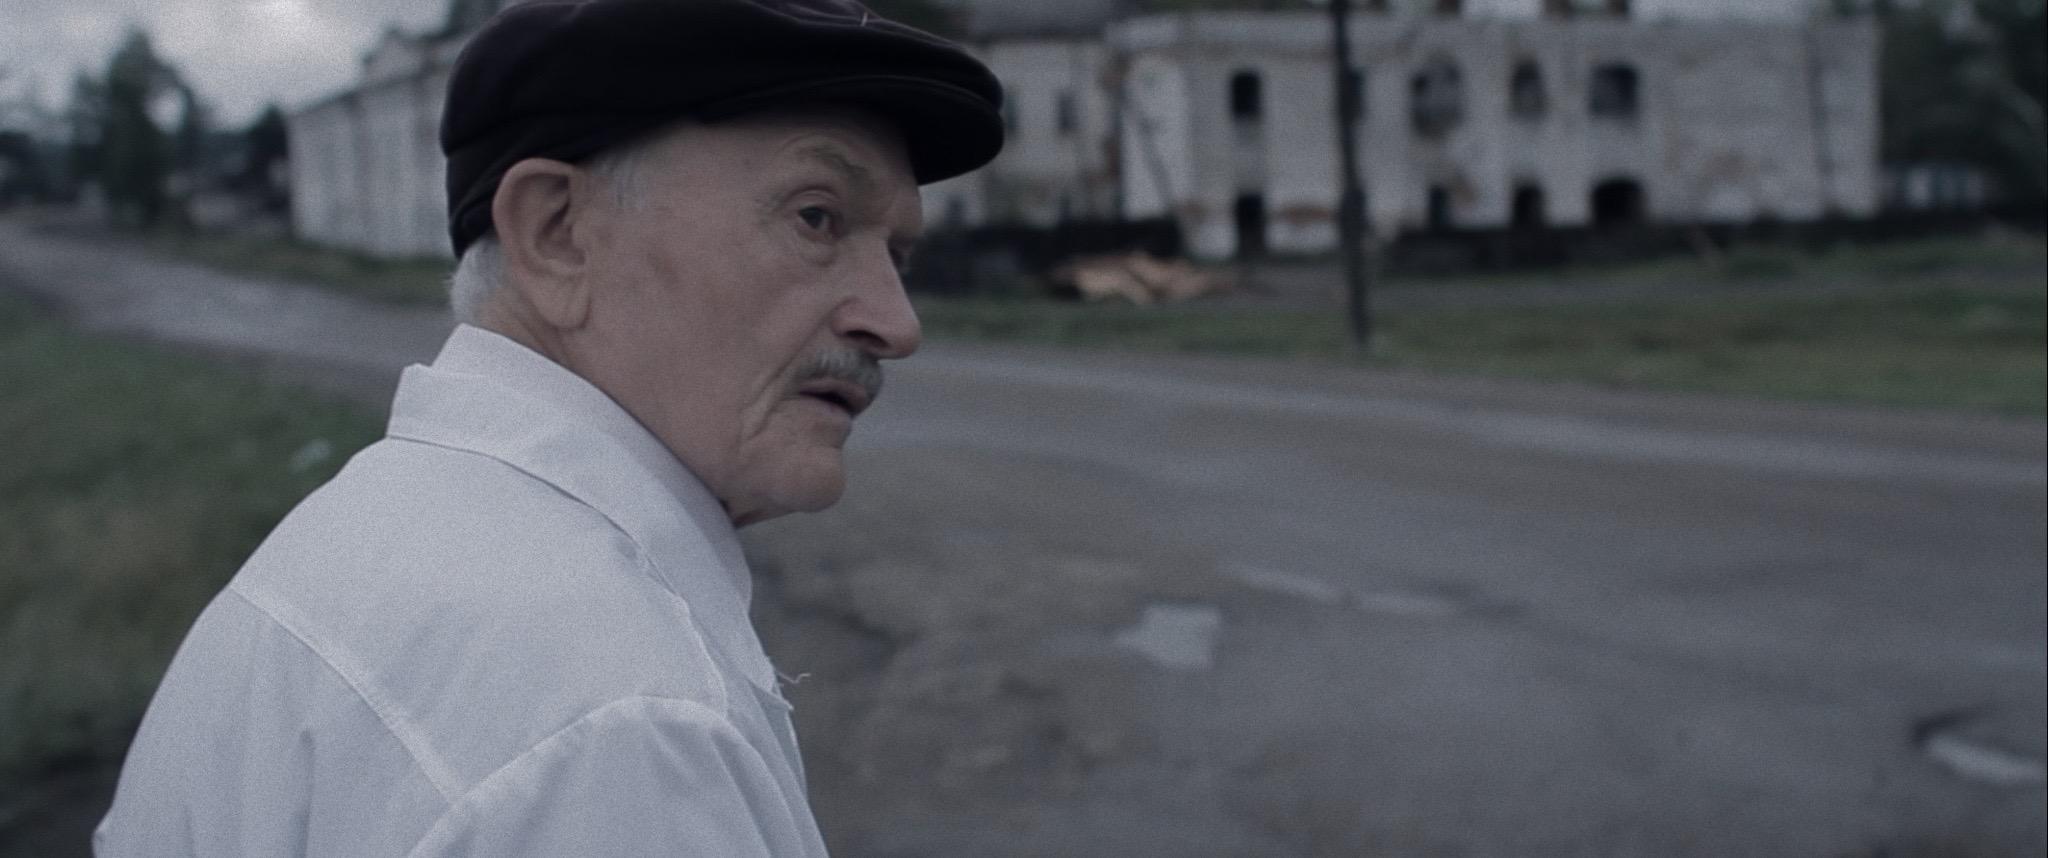 Fot. Materiały prasowe. Krakowskie Biuro Festiwalowe